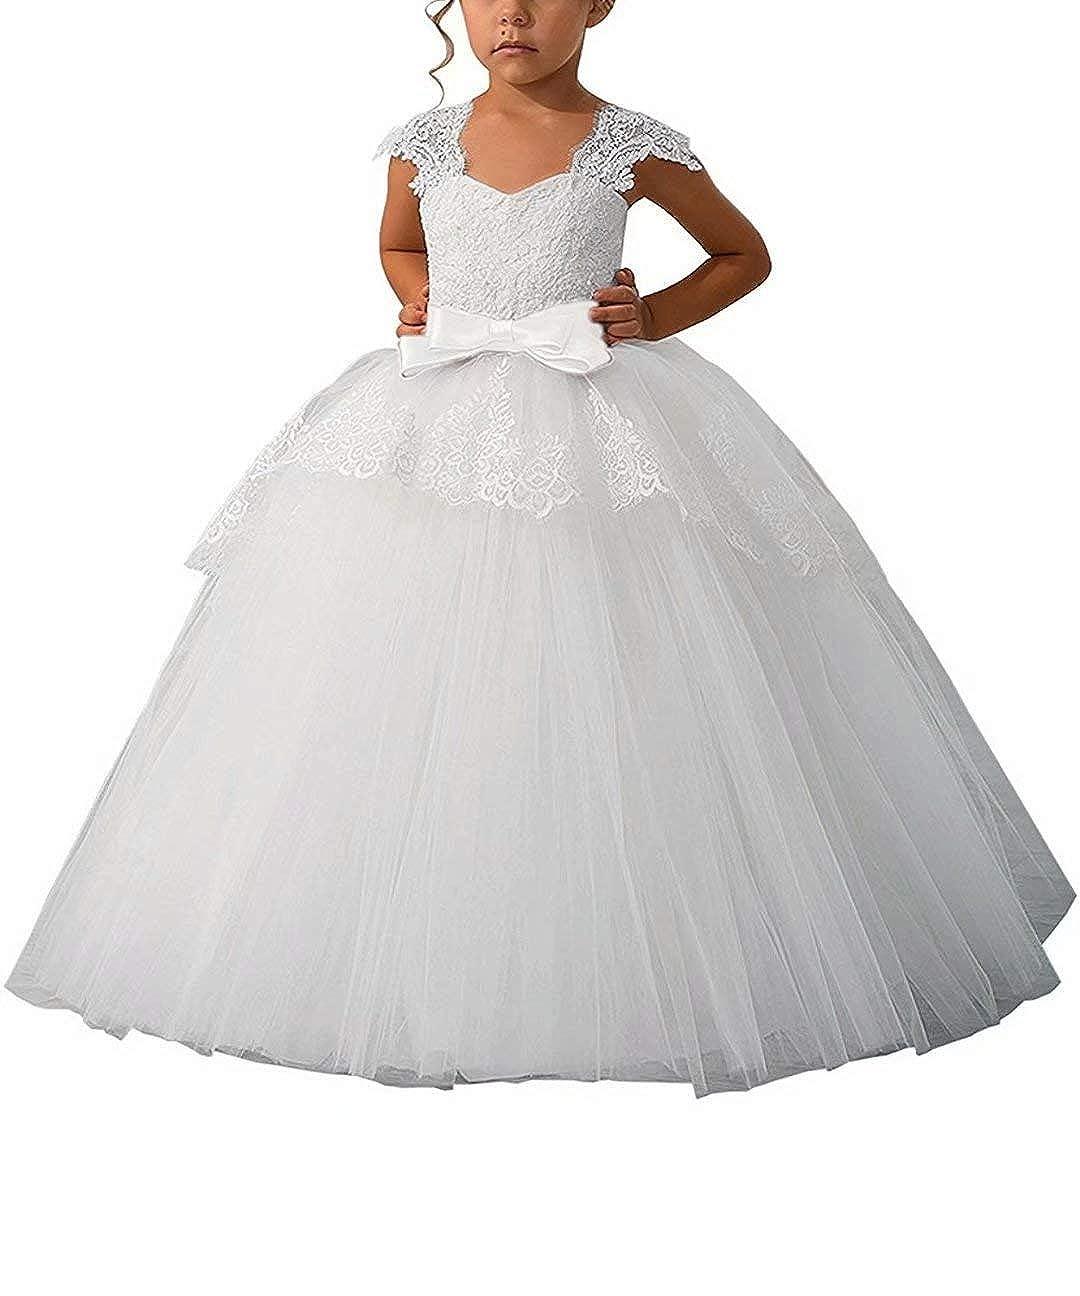 002  All blanc Taille unique CDE Robe Longue en Dentelle pour Fille Motif Fleurs